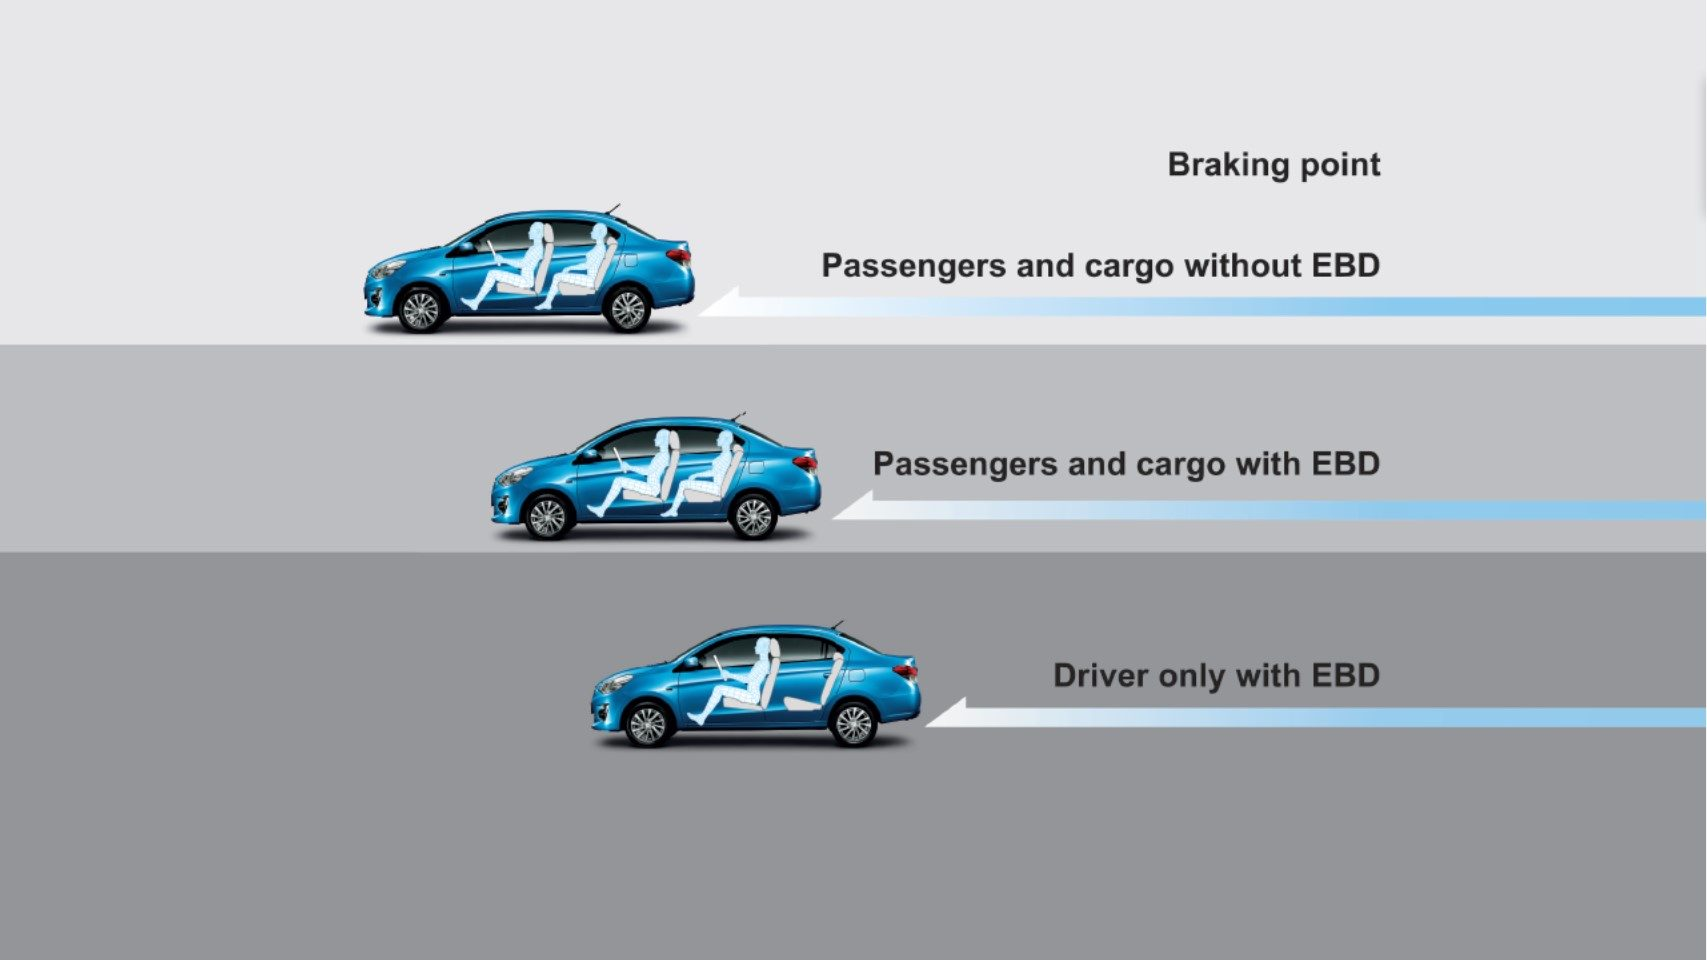 EBD braking system